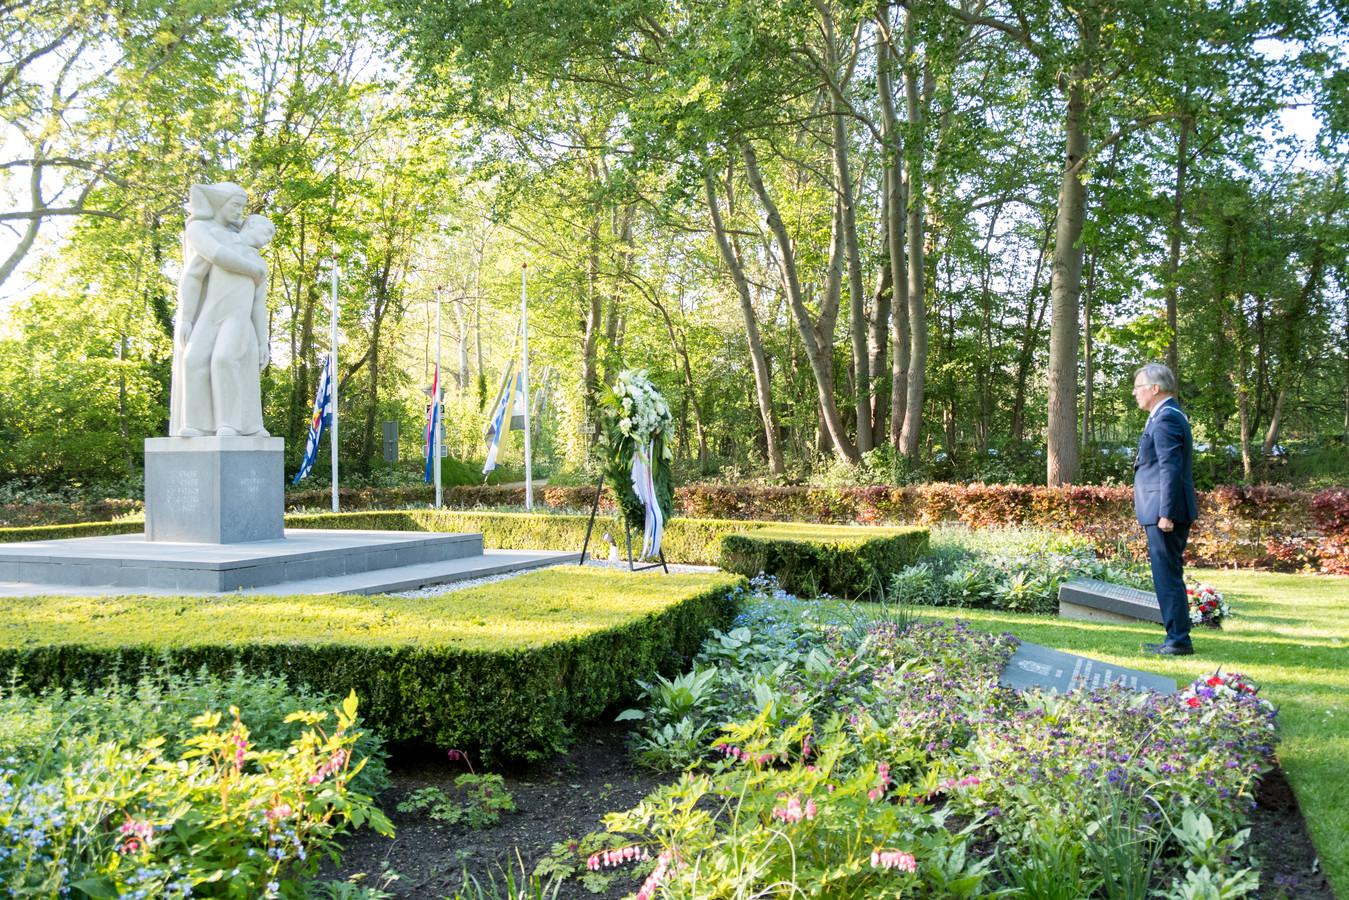 Een eenzame dodenherdenking vorig jaar ook al voor toenmalig burgemeester Gerard Rabelink, bij het centrale monument op de begraafplaats in Renesse.